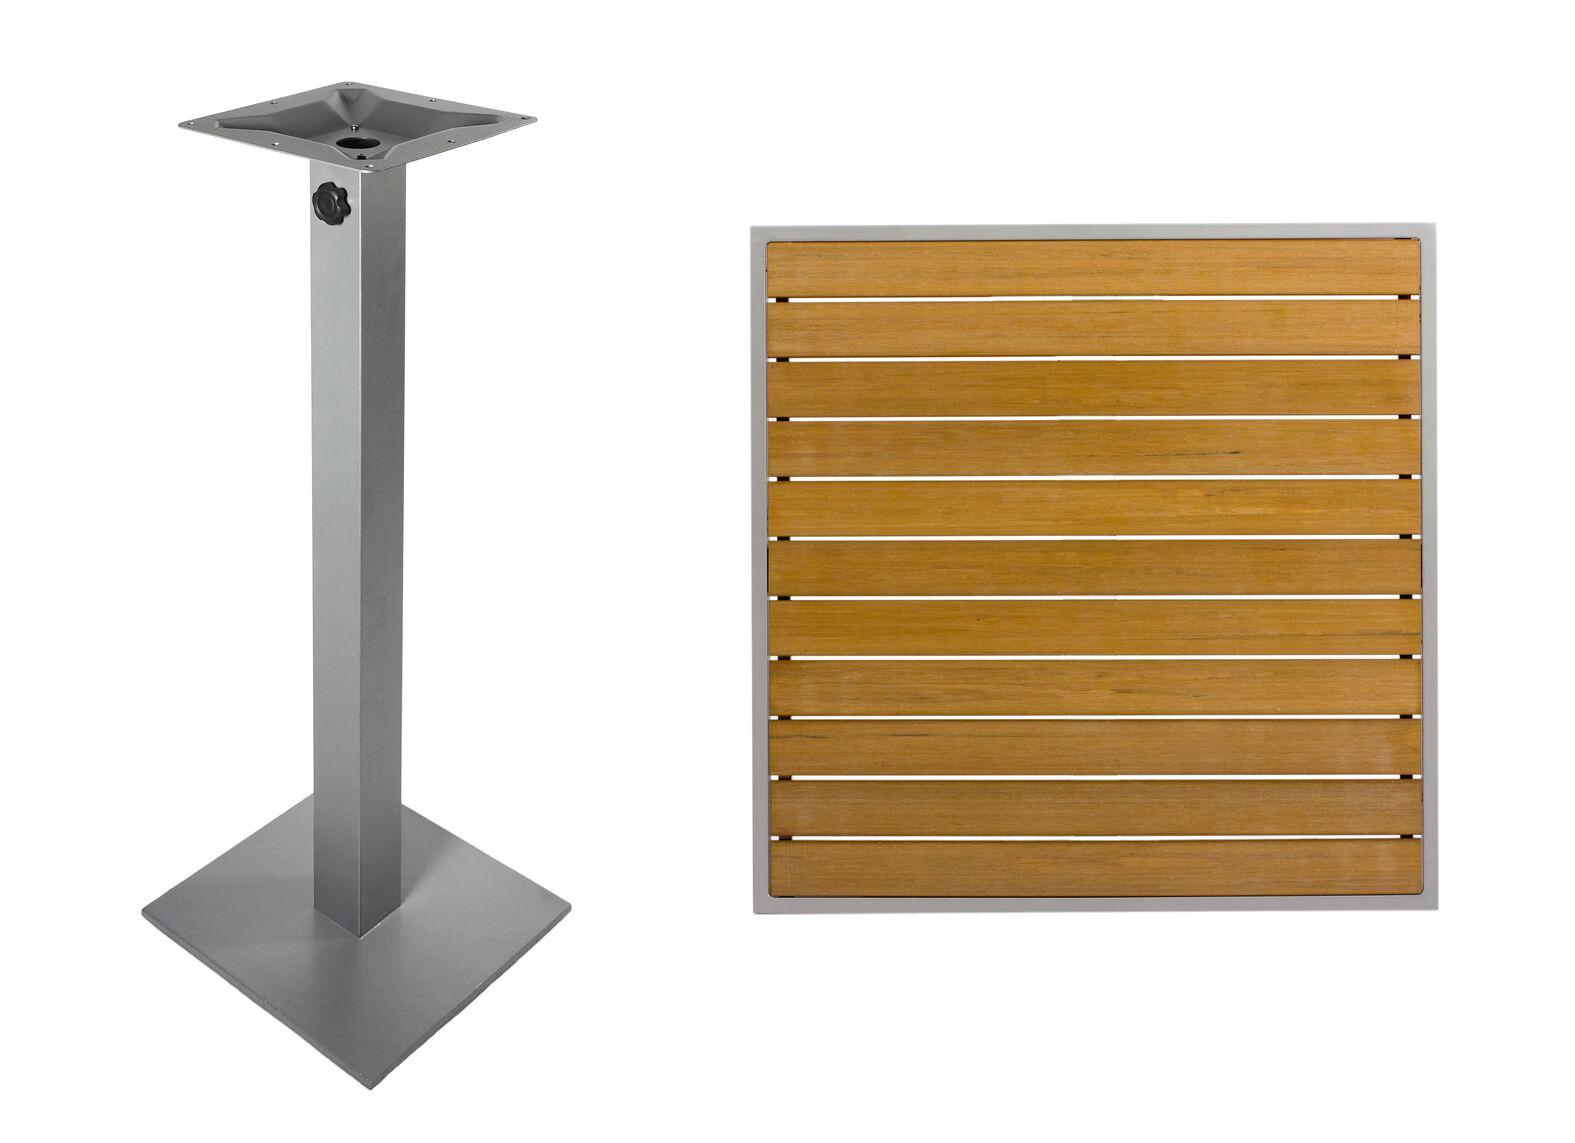 Avalon Teak Bar Table Color: Silver, Table Size: 36